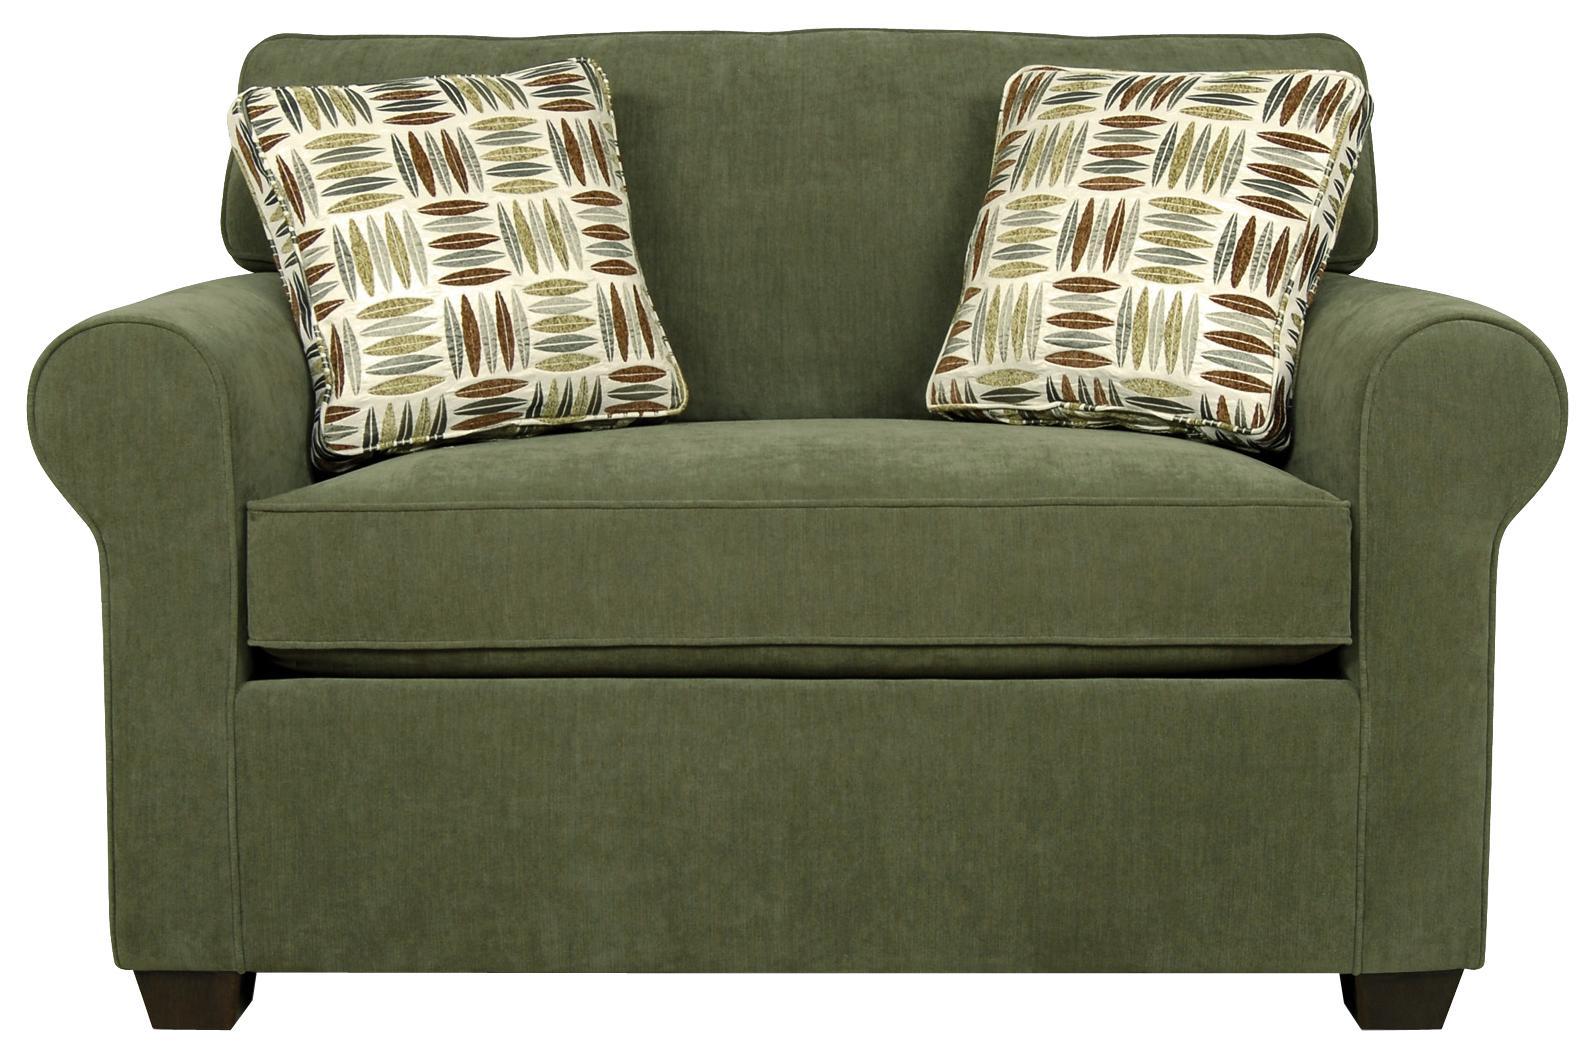 Bon England SeaburyVisco Twin Sleeper Sofa ...